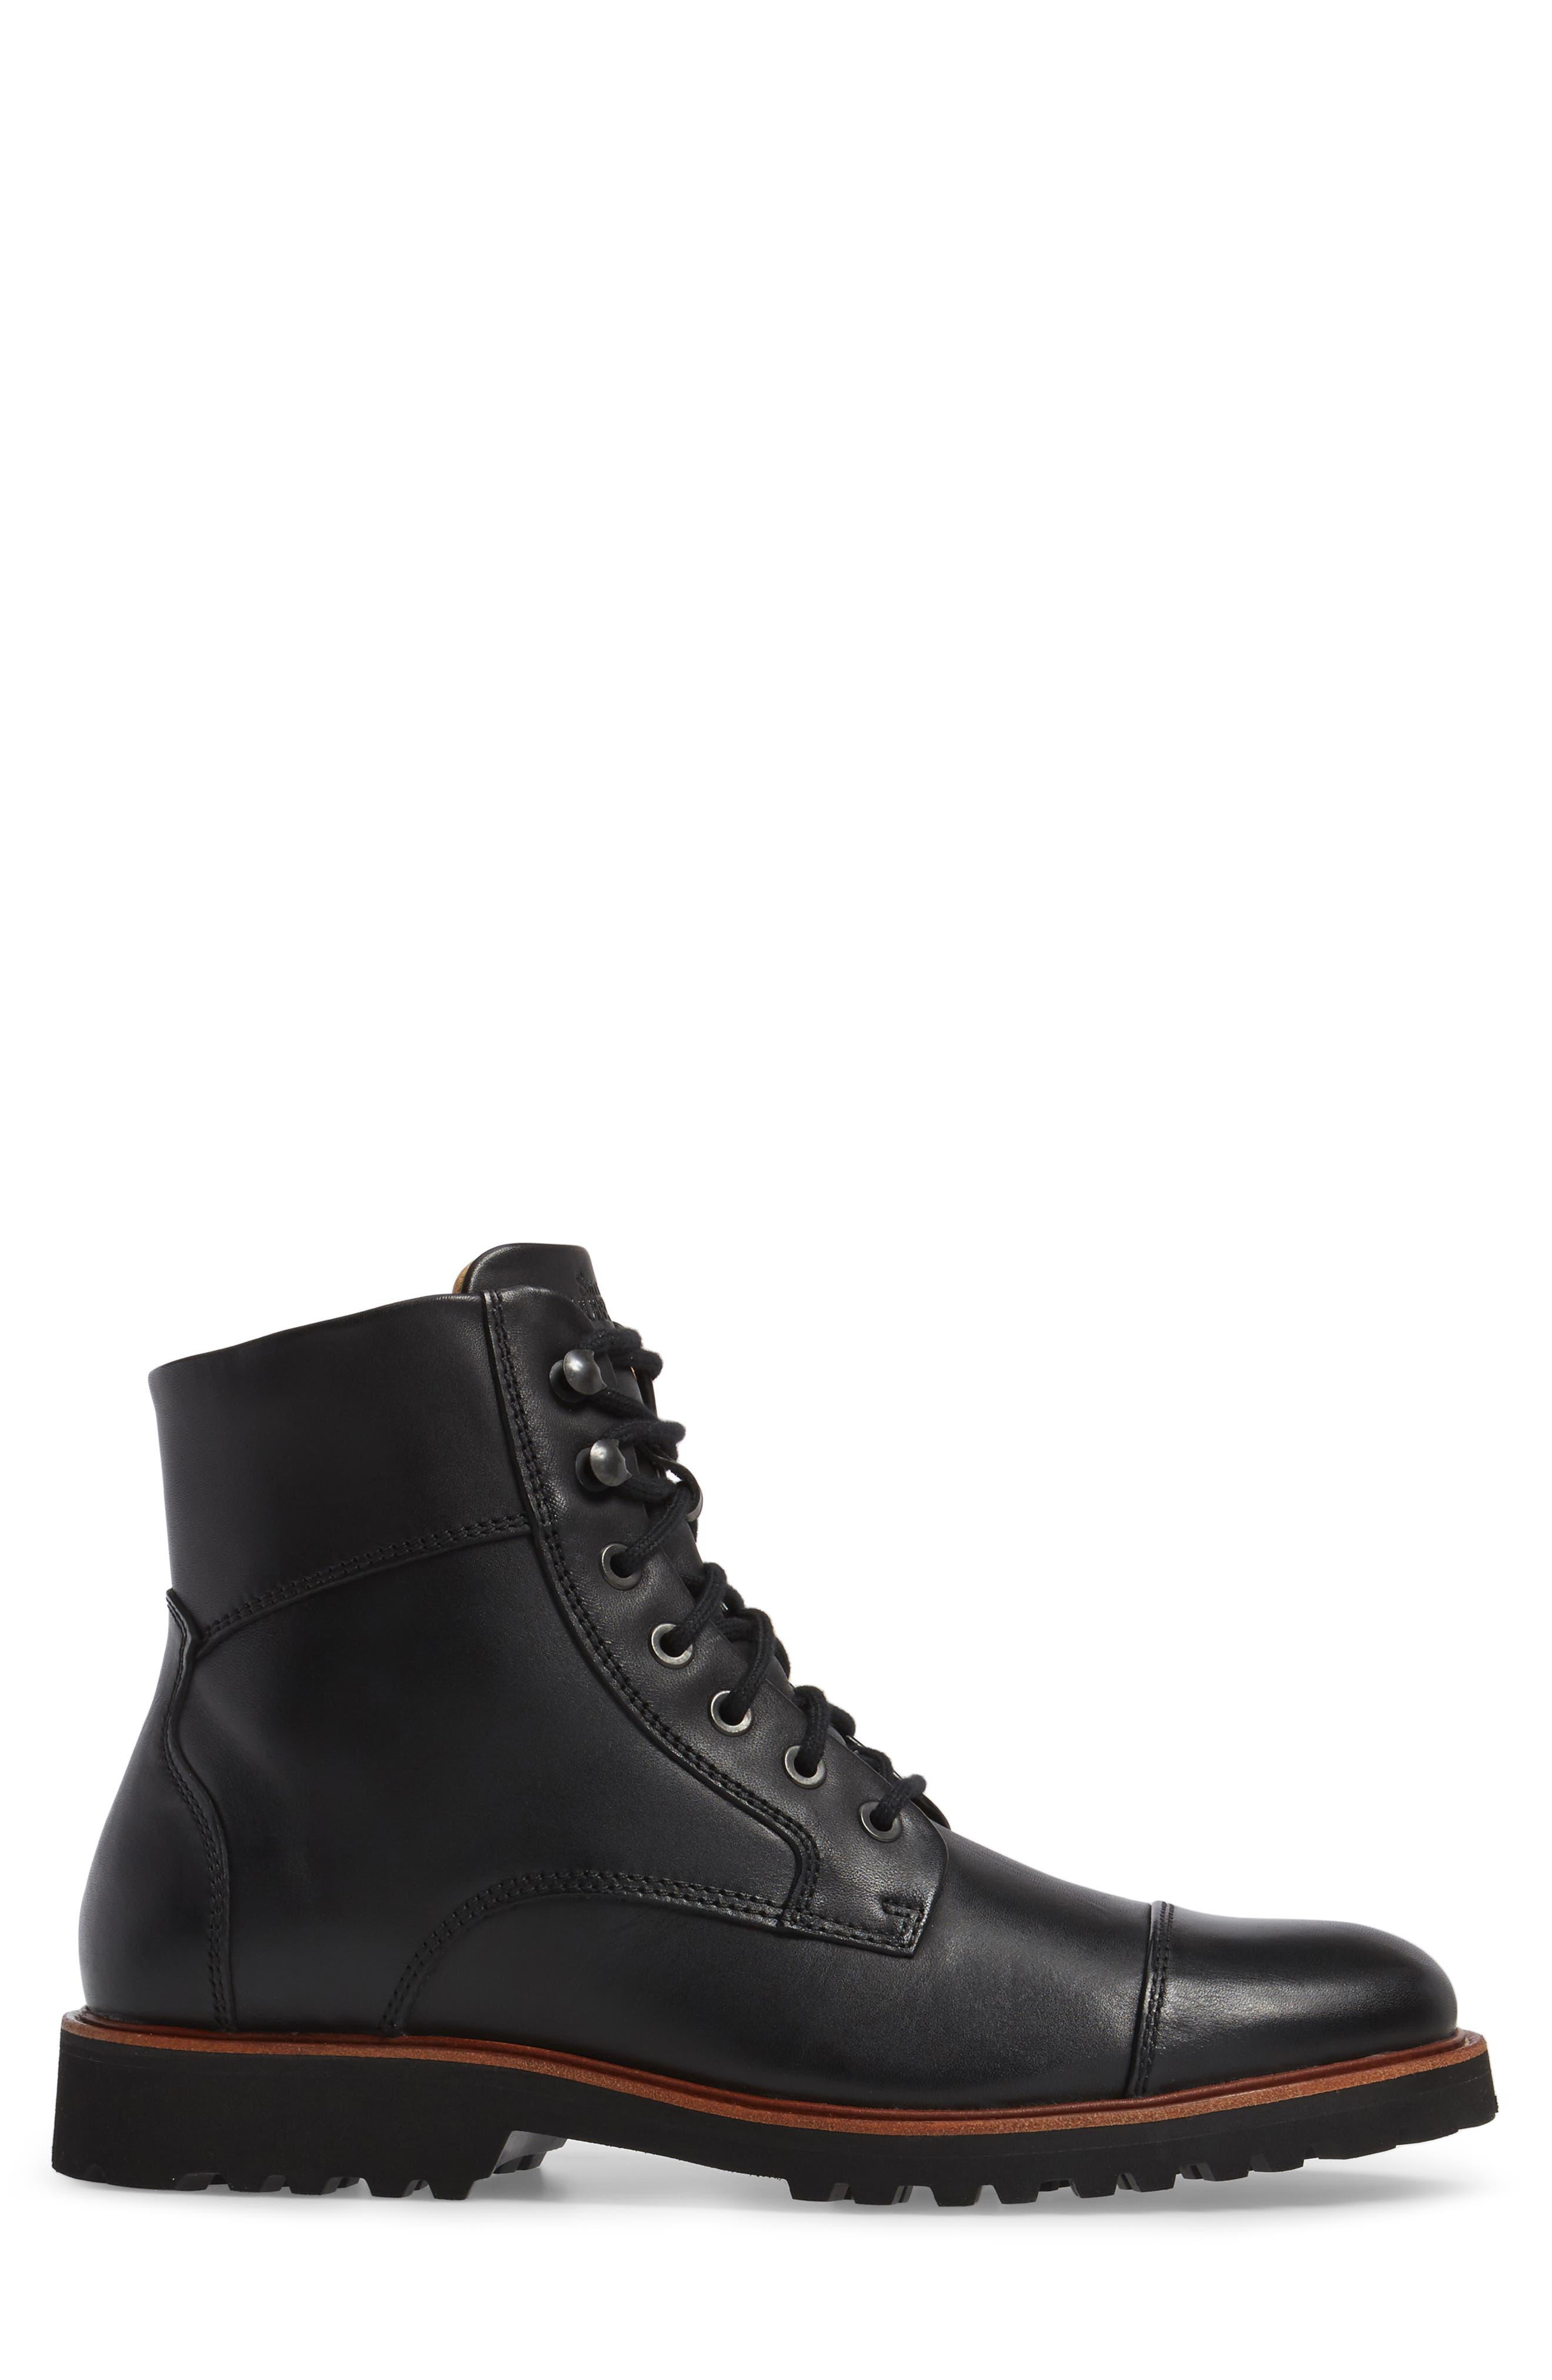 Uptown Maverick Cap Toe Boot,                             Alternate thumbnail 3, color,                             Black Leather